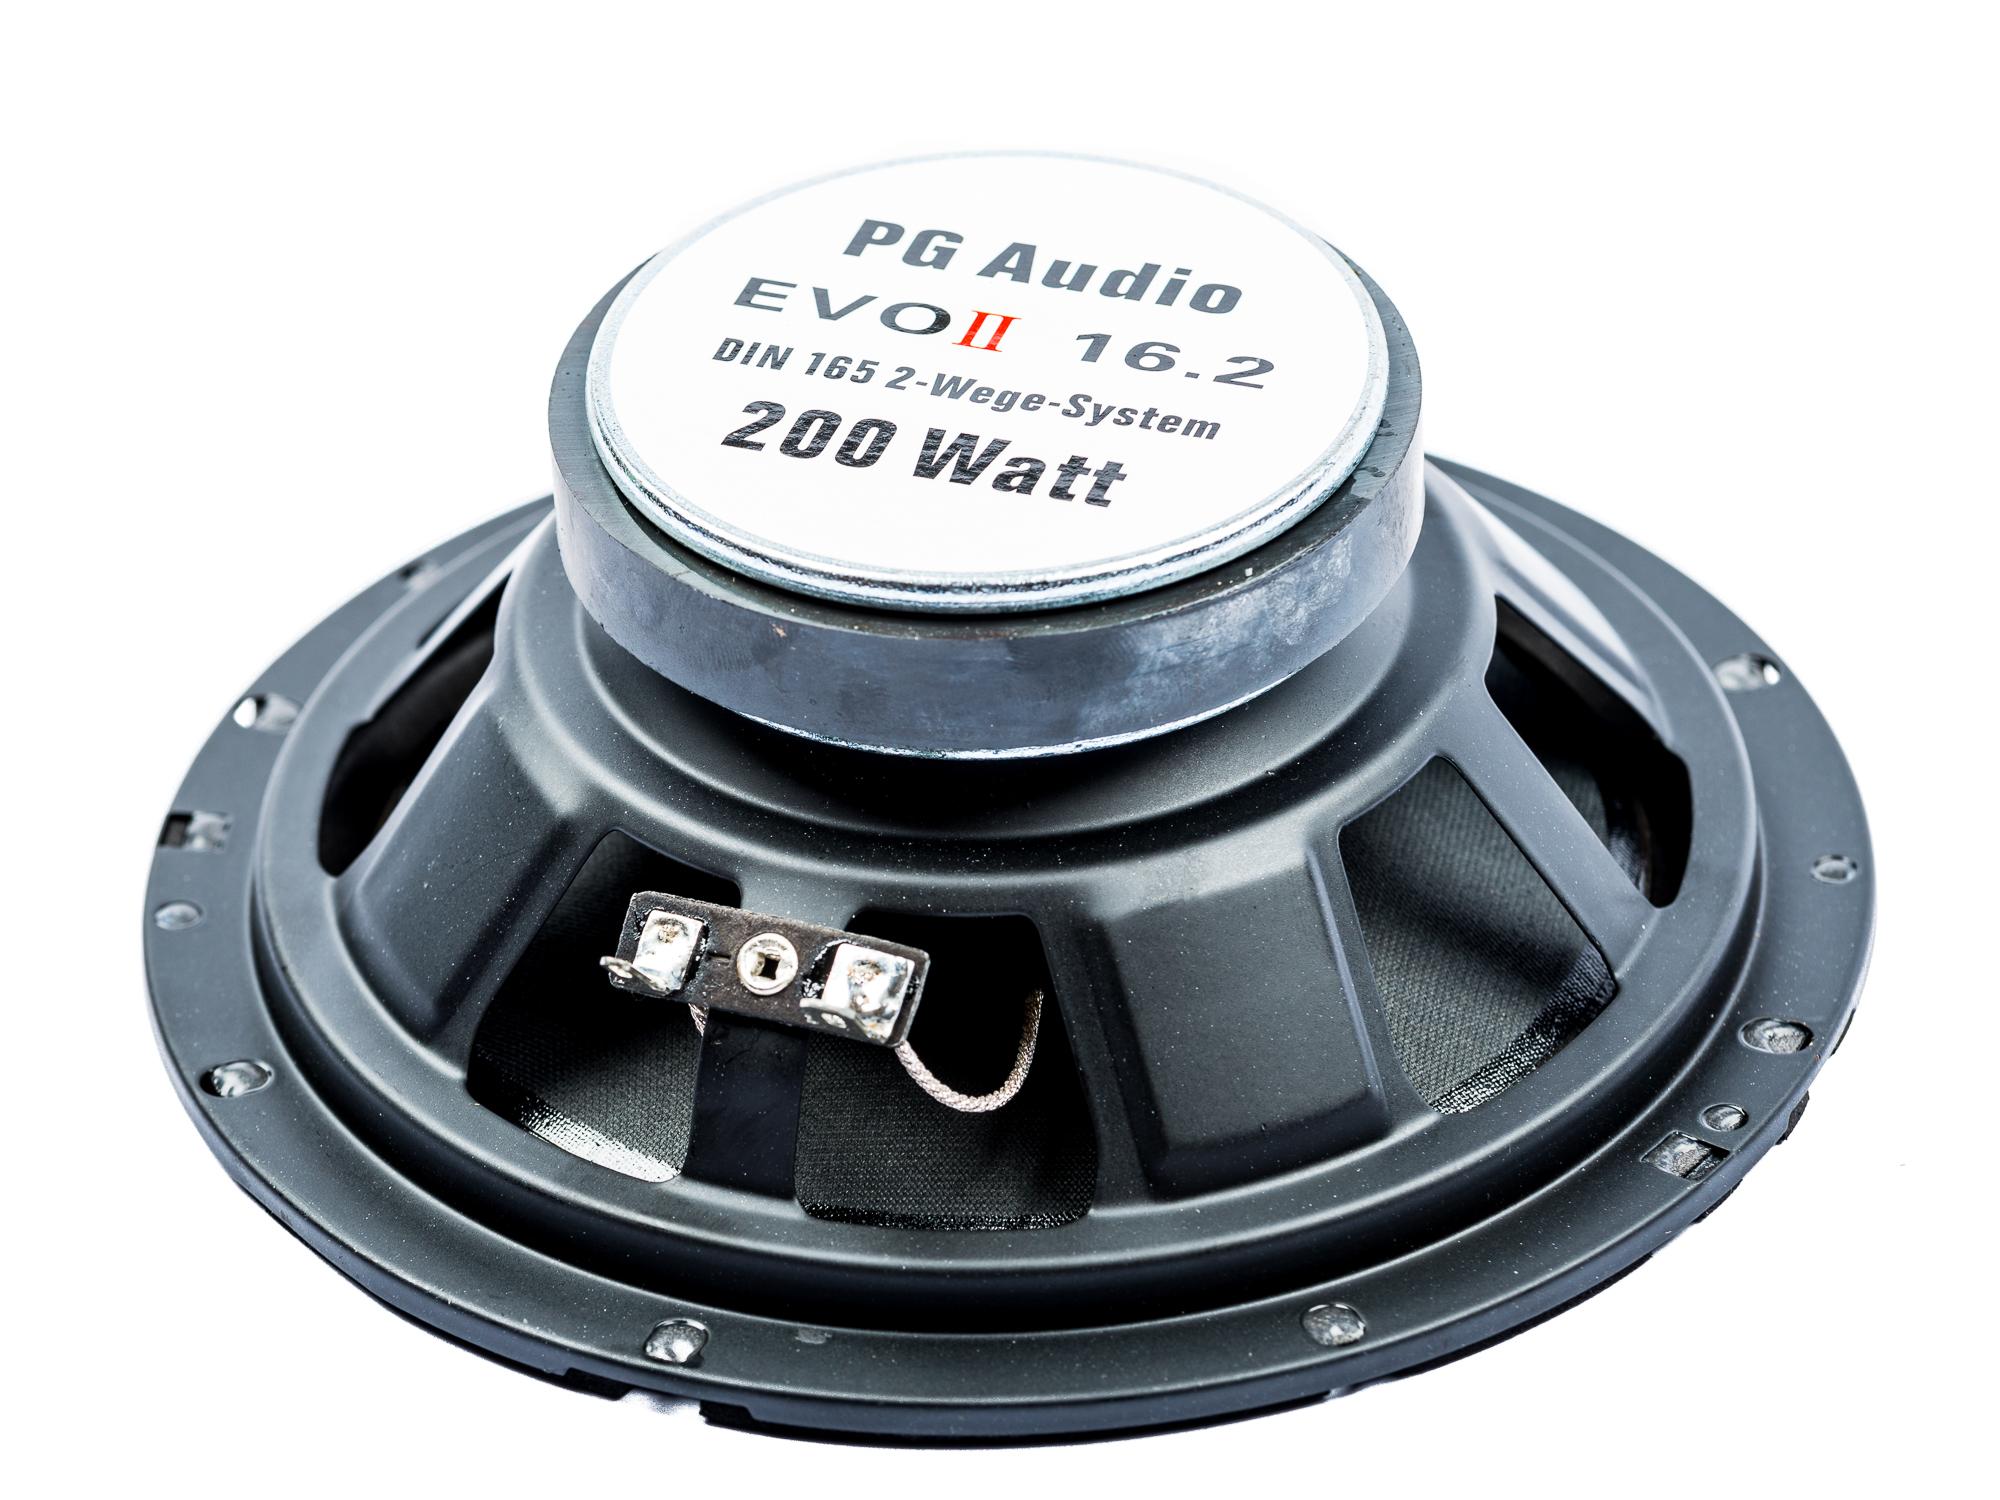 Peugeot 207 Lautsprecher Einbauset Tür vorne PG Audio – Bild 3